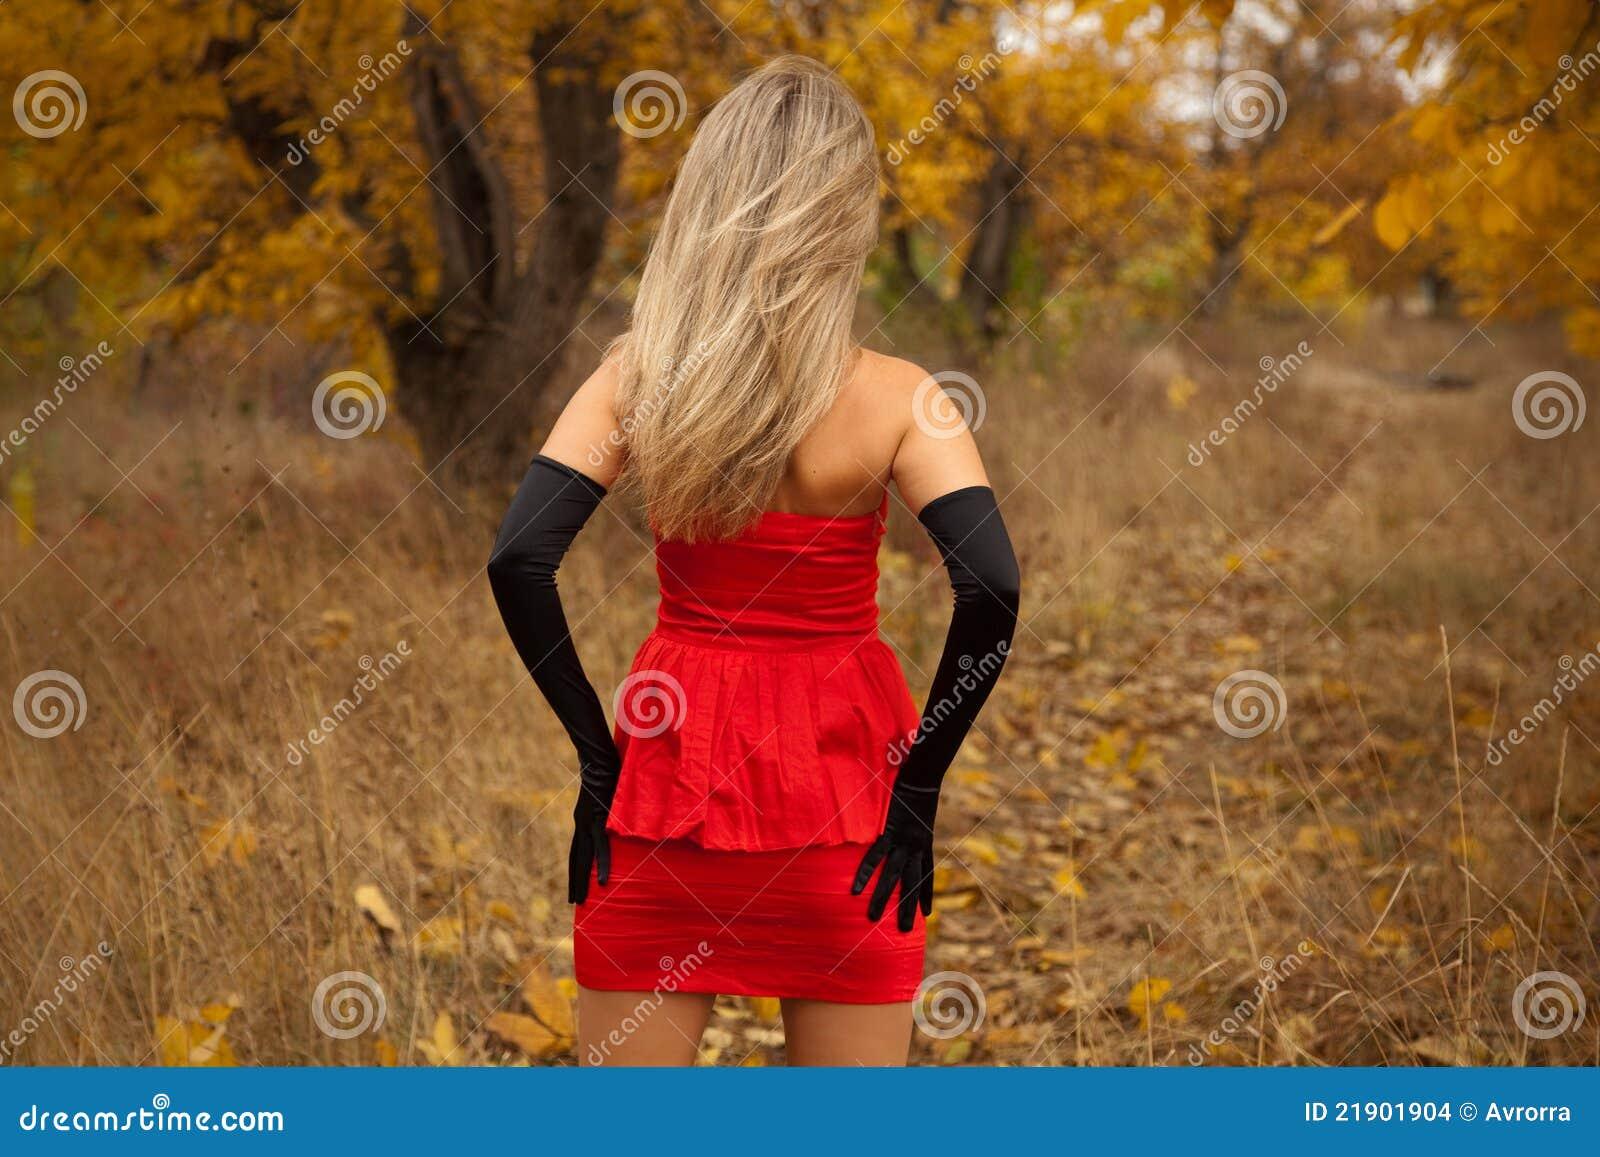 Фото девушка в платье вид сзади